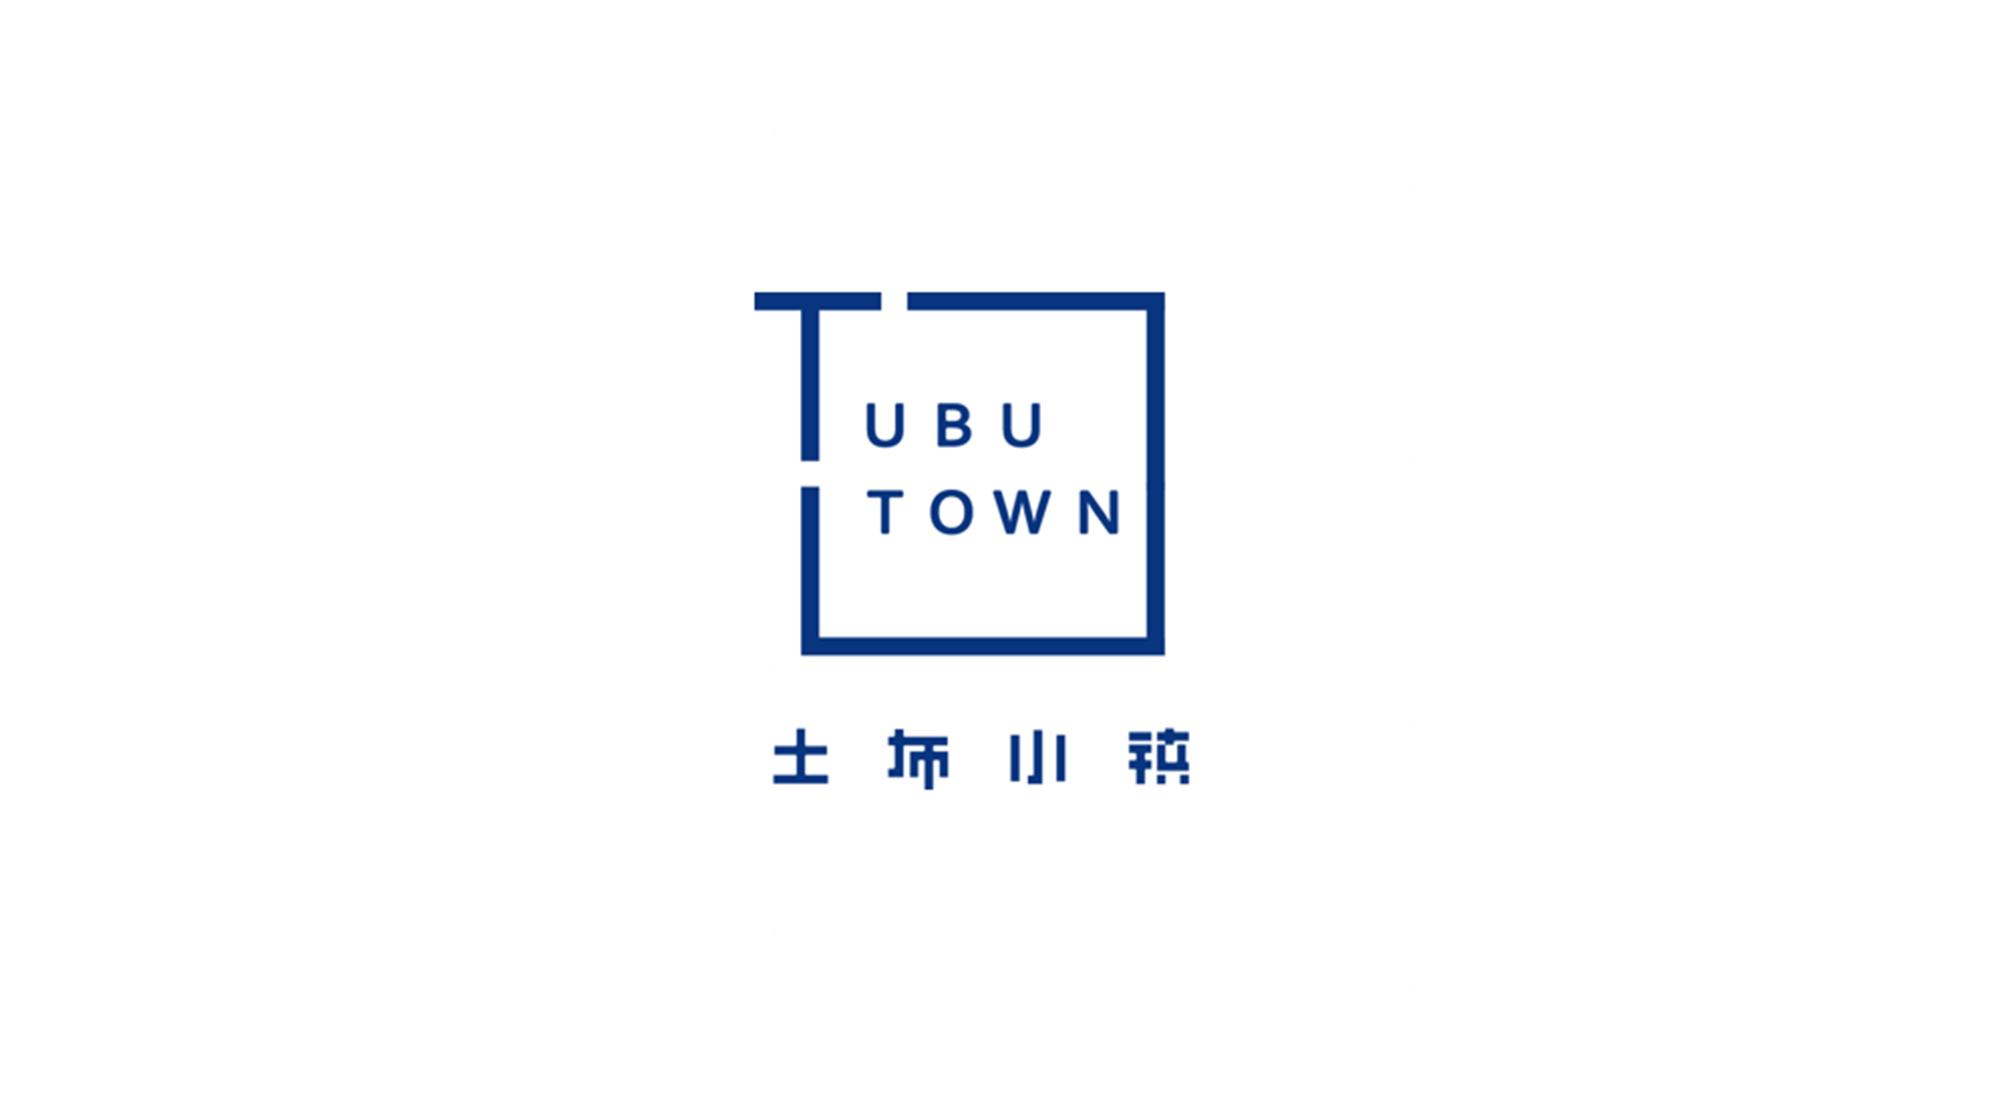 环境城市品牌设计贞丰县土布小镇LOGO&VI设计